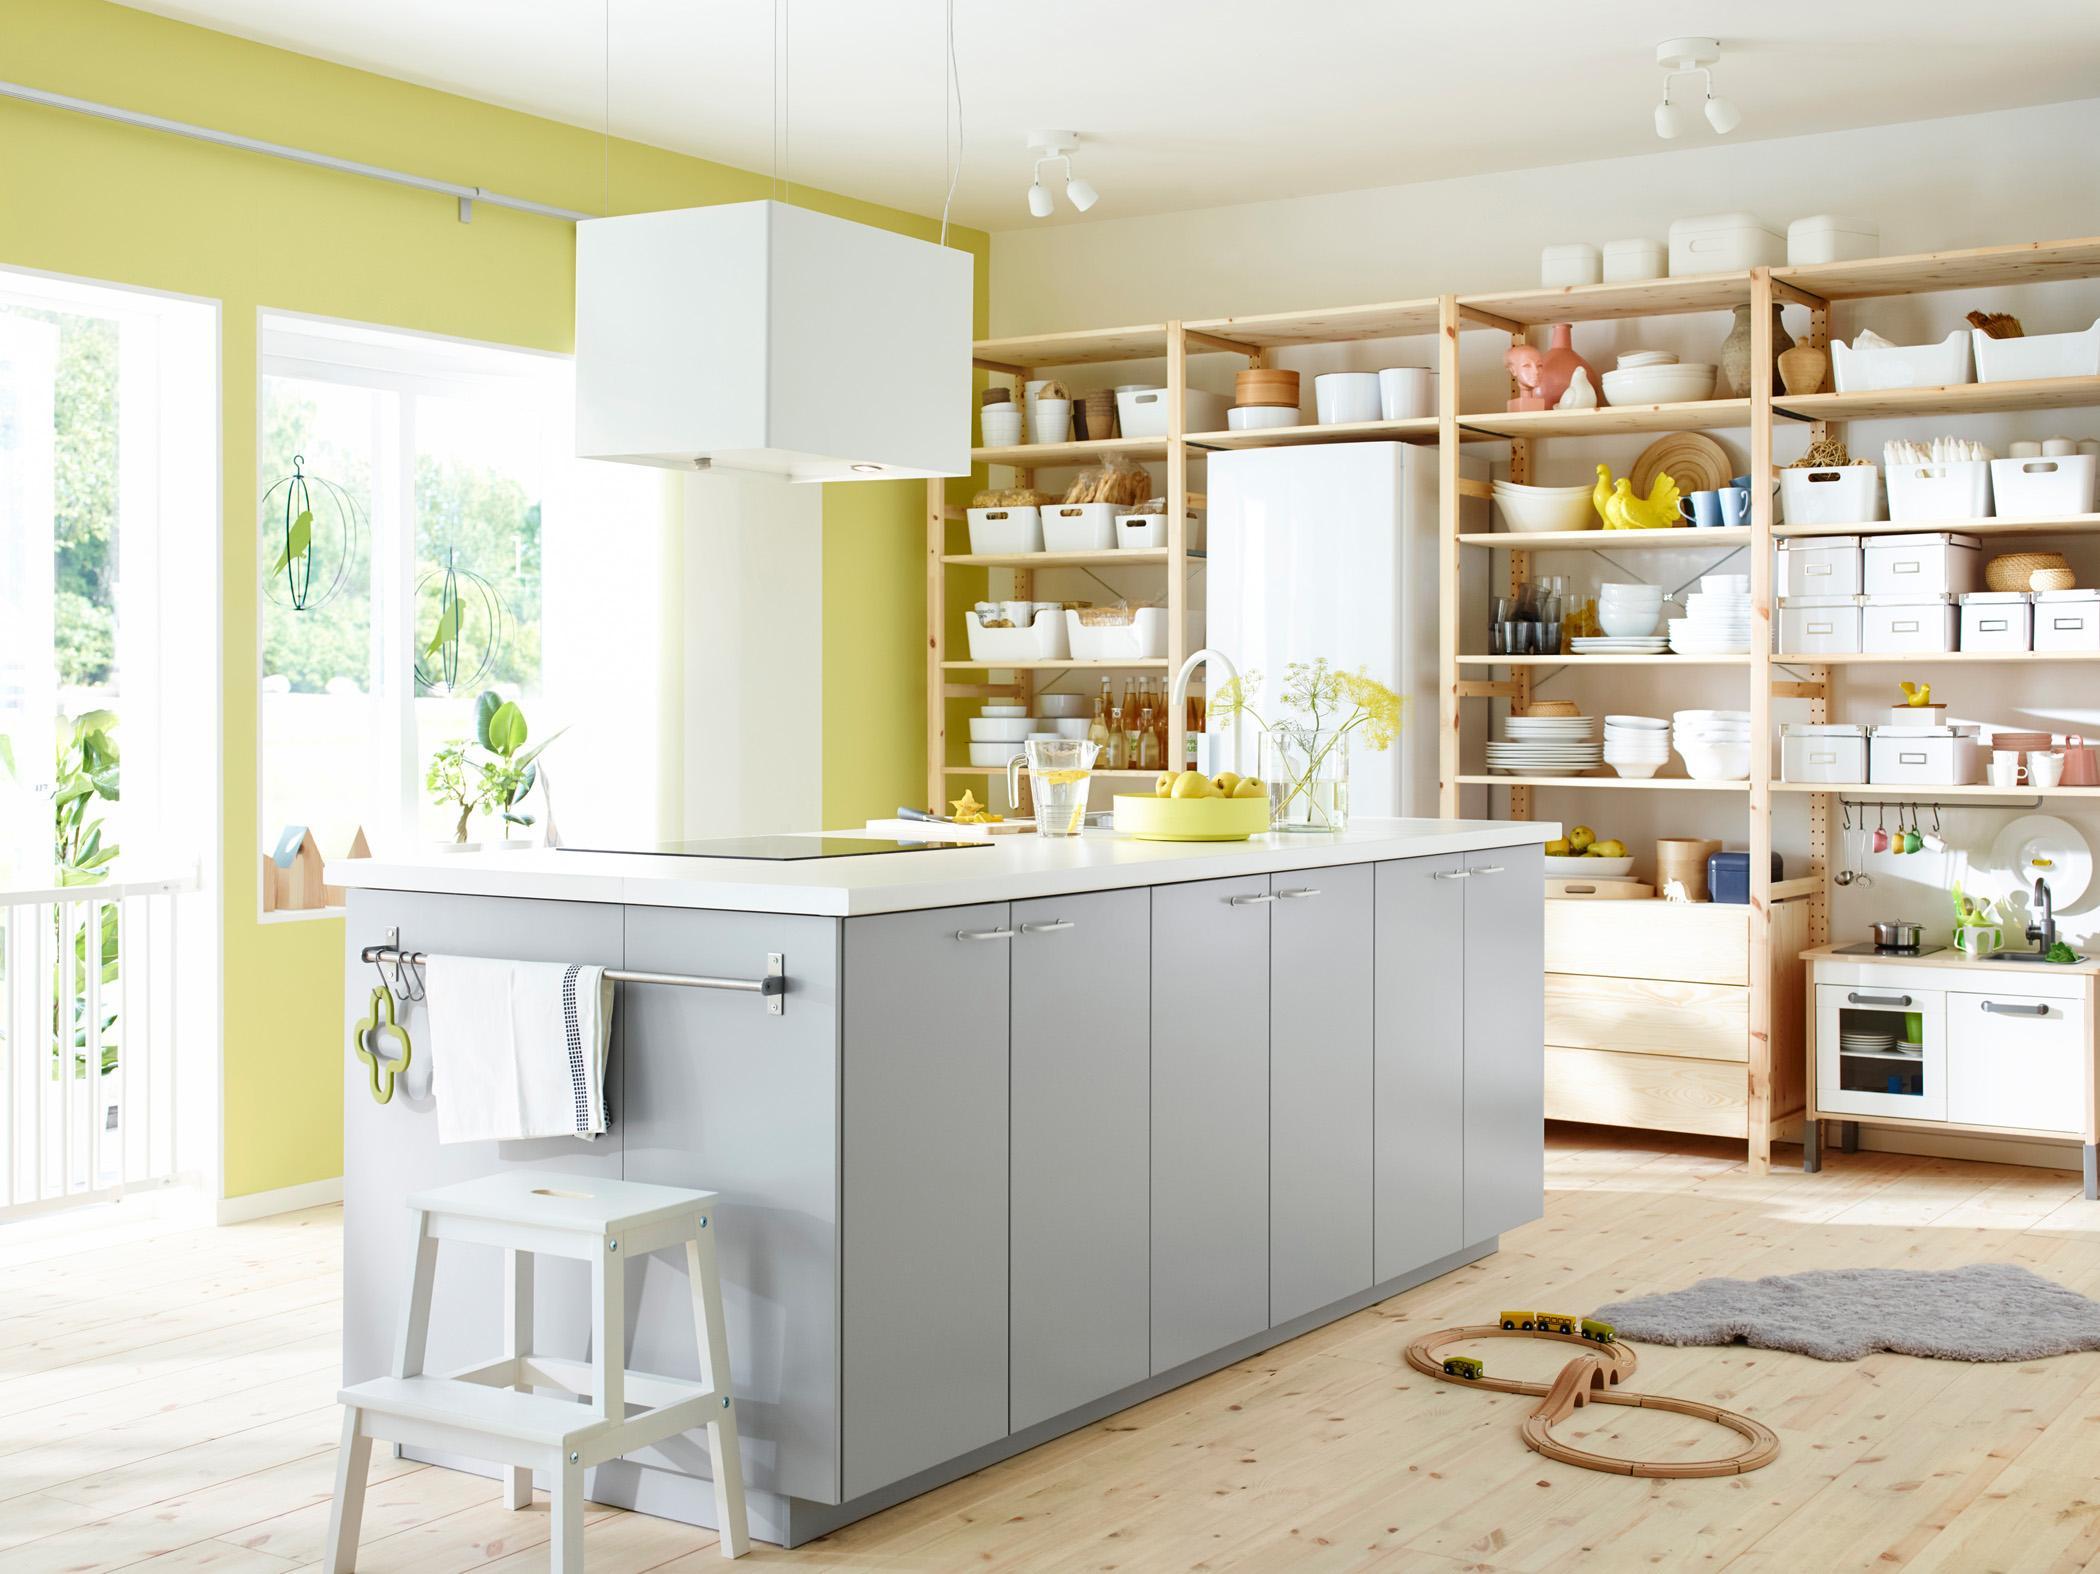 Full Size of Regalsystem Statt Kchenschrank Ikea Betten Bei Küche Kosten Sofa Mit Schlaffunktion Modulküche Kaufen Miniküche 160x200 Wohnzimmer Kücheninseln Ikea